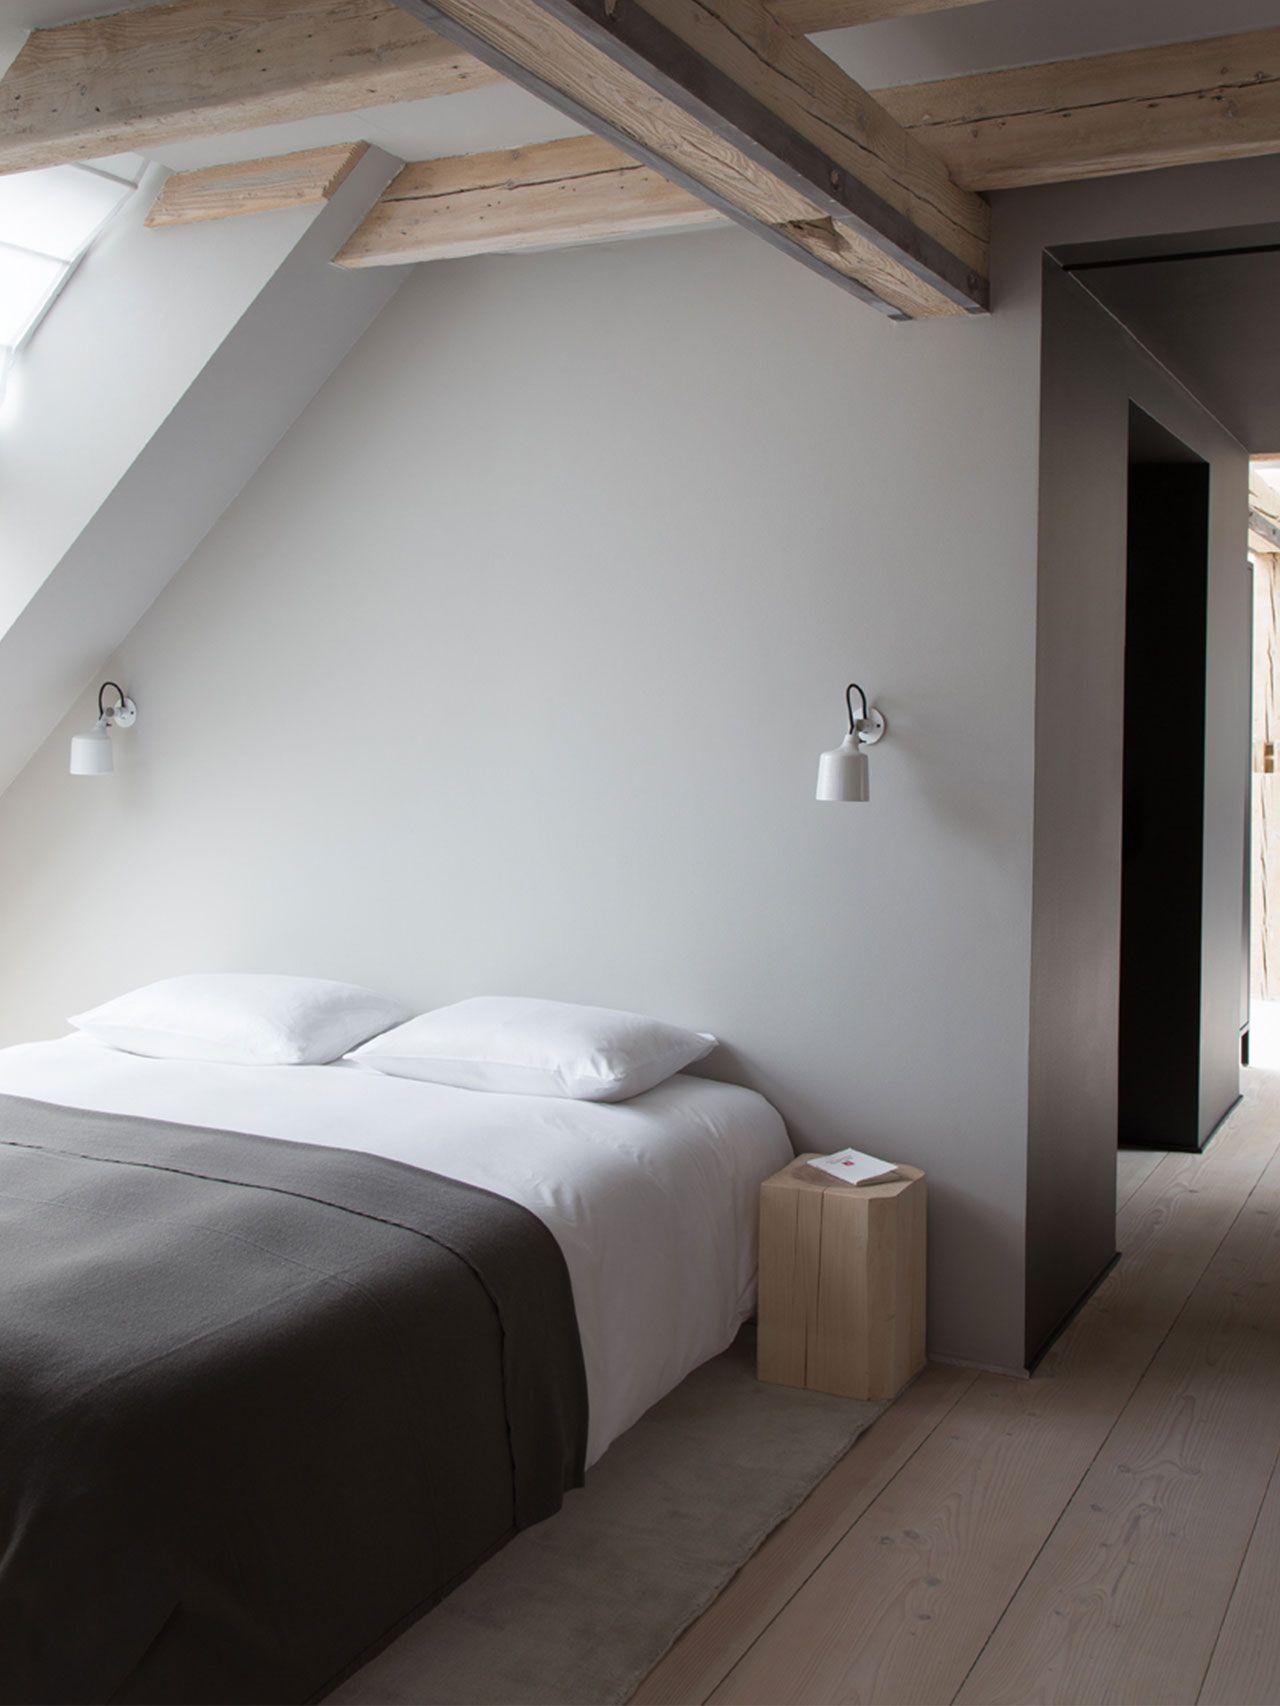 Vipp loft | vipp.com | Bed Cover | Pinterest | Attic spaces, Attic ...